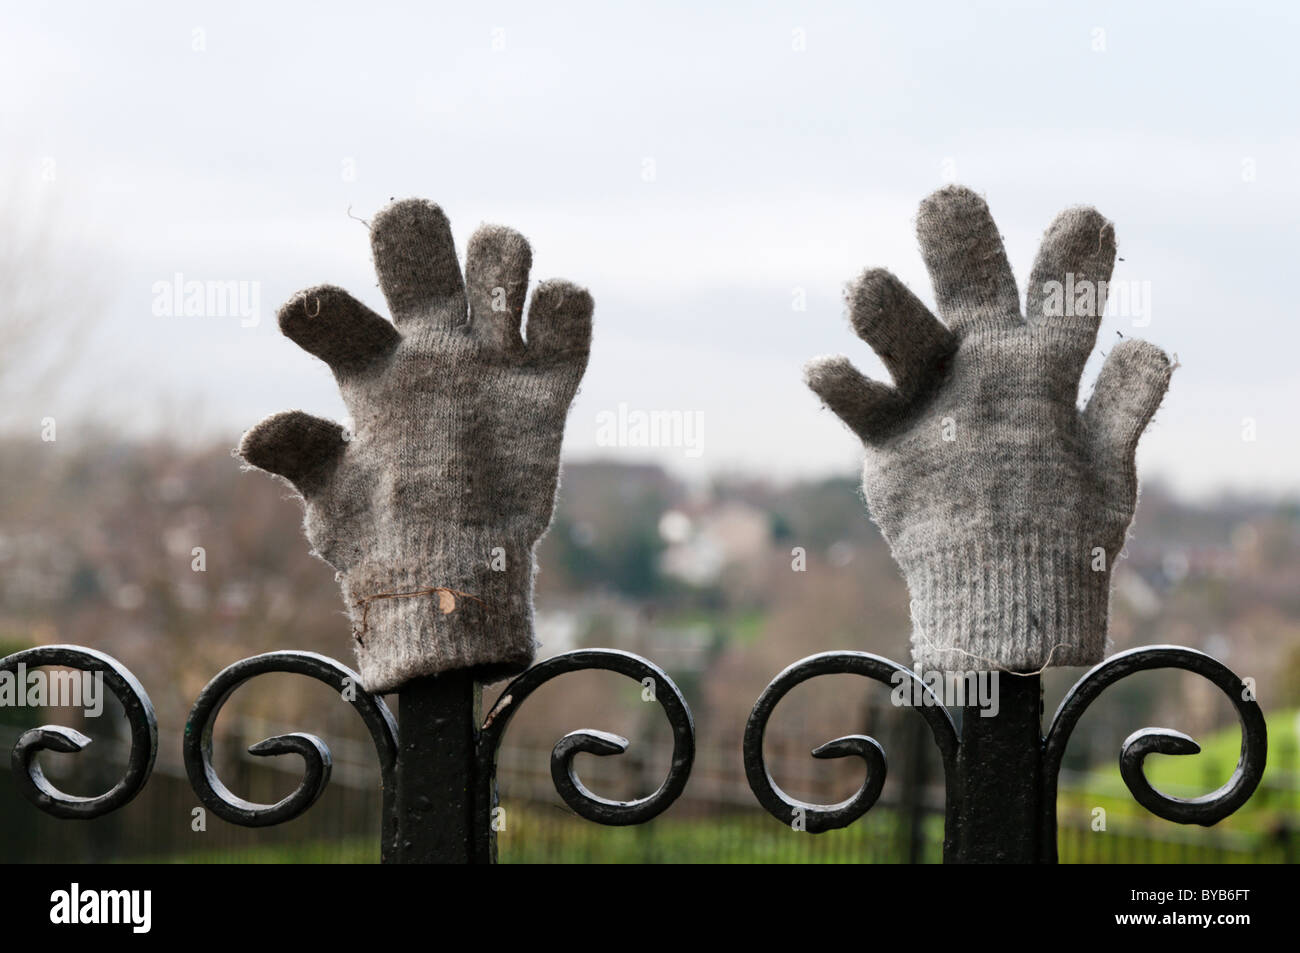 Ein paar verlorene Handschuhe auf Park Geländer gelegt. Stockbild